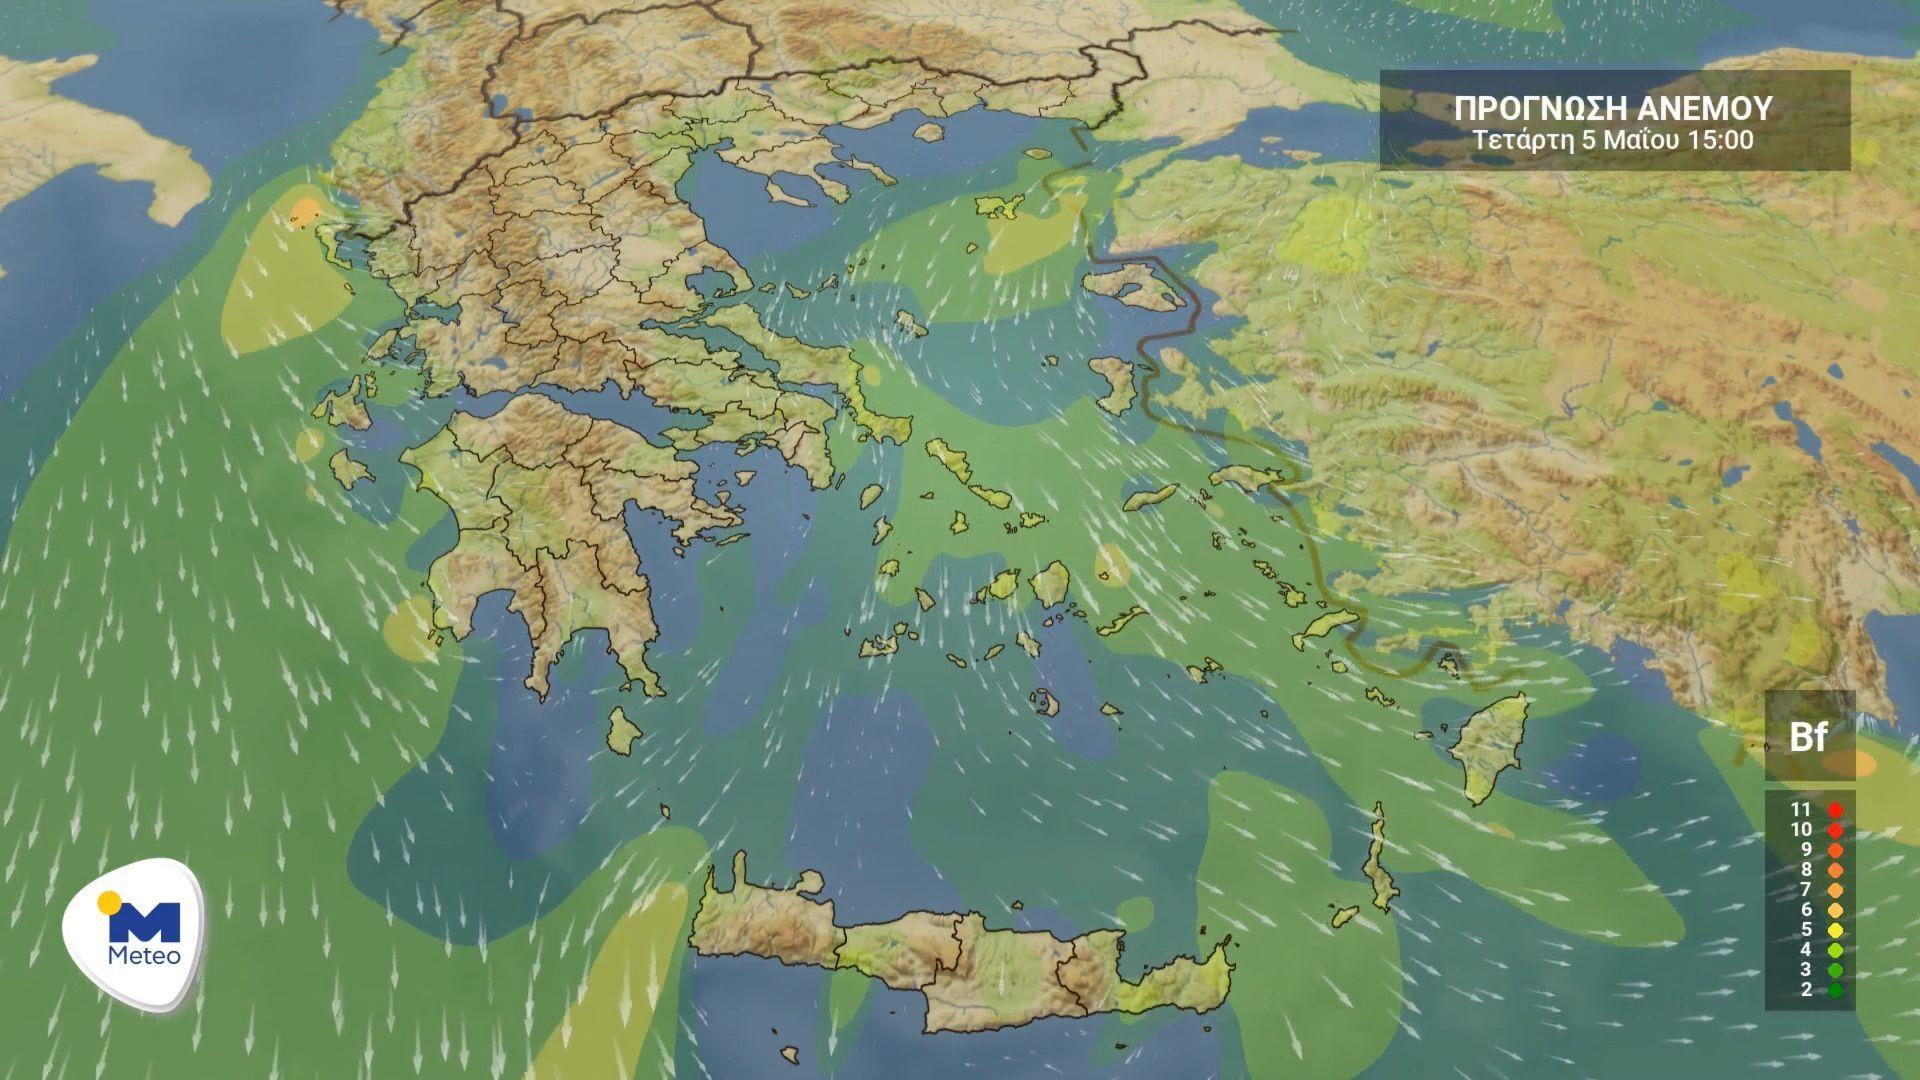 Πρόγνωση καιρού για Τετάρτη 5 Μαΐου (VIDEO)